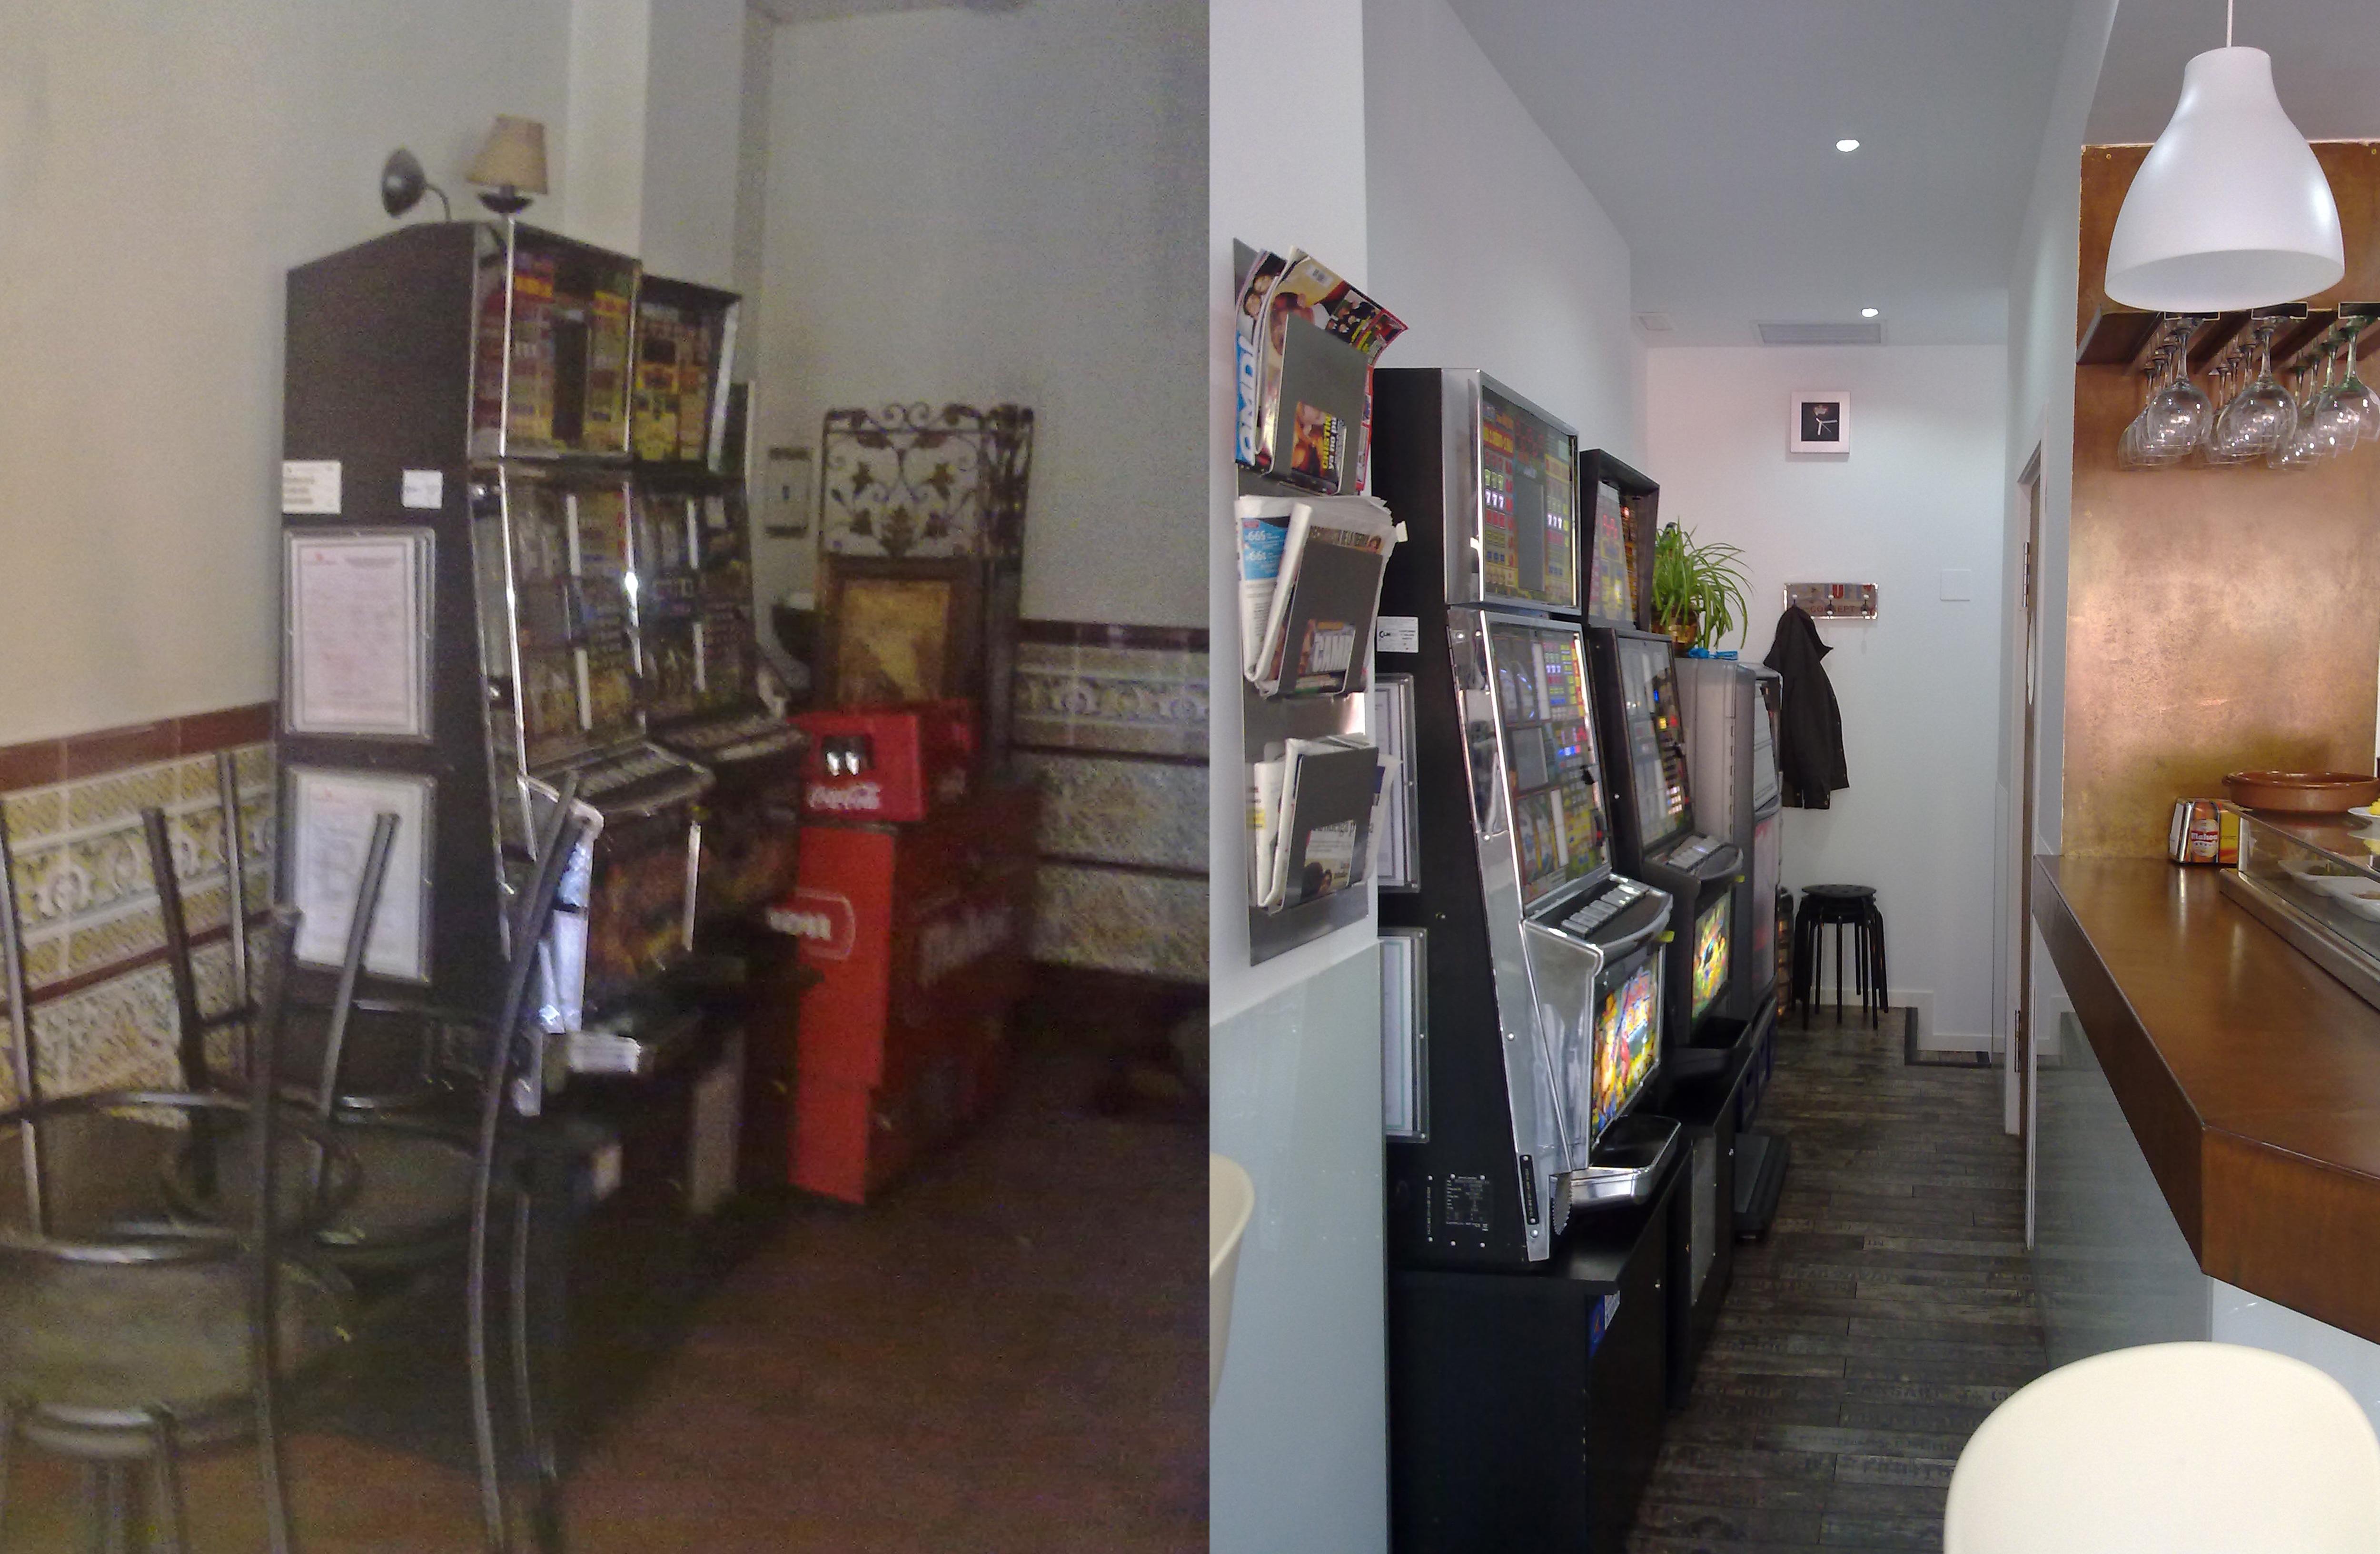 Reformas Solum: fotos del antes y después de la reforma de un bar en Villalba